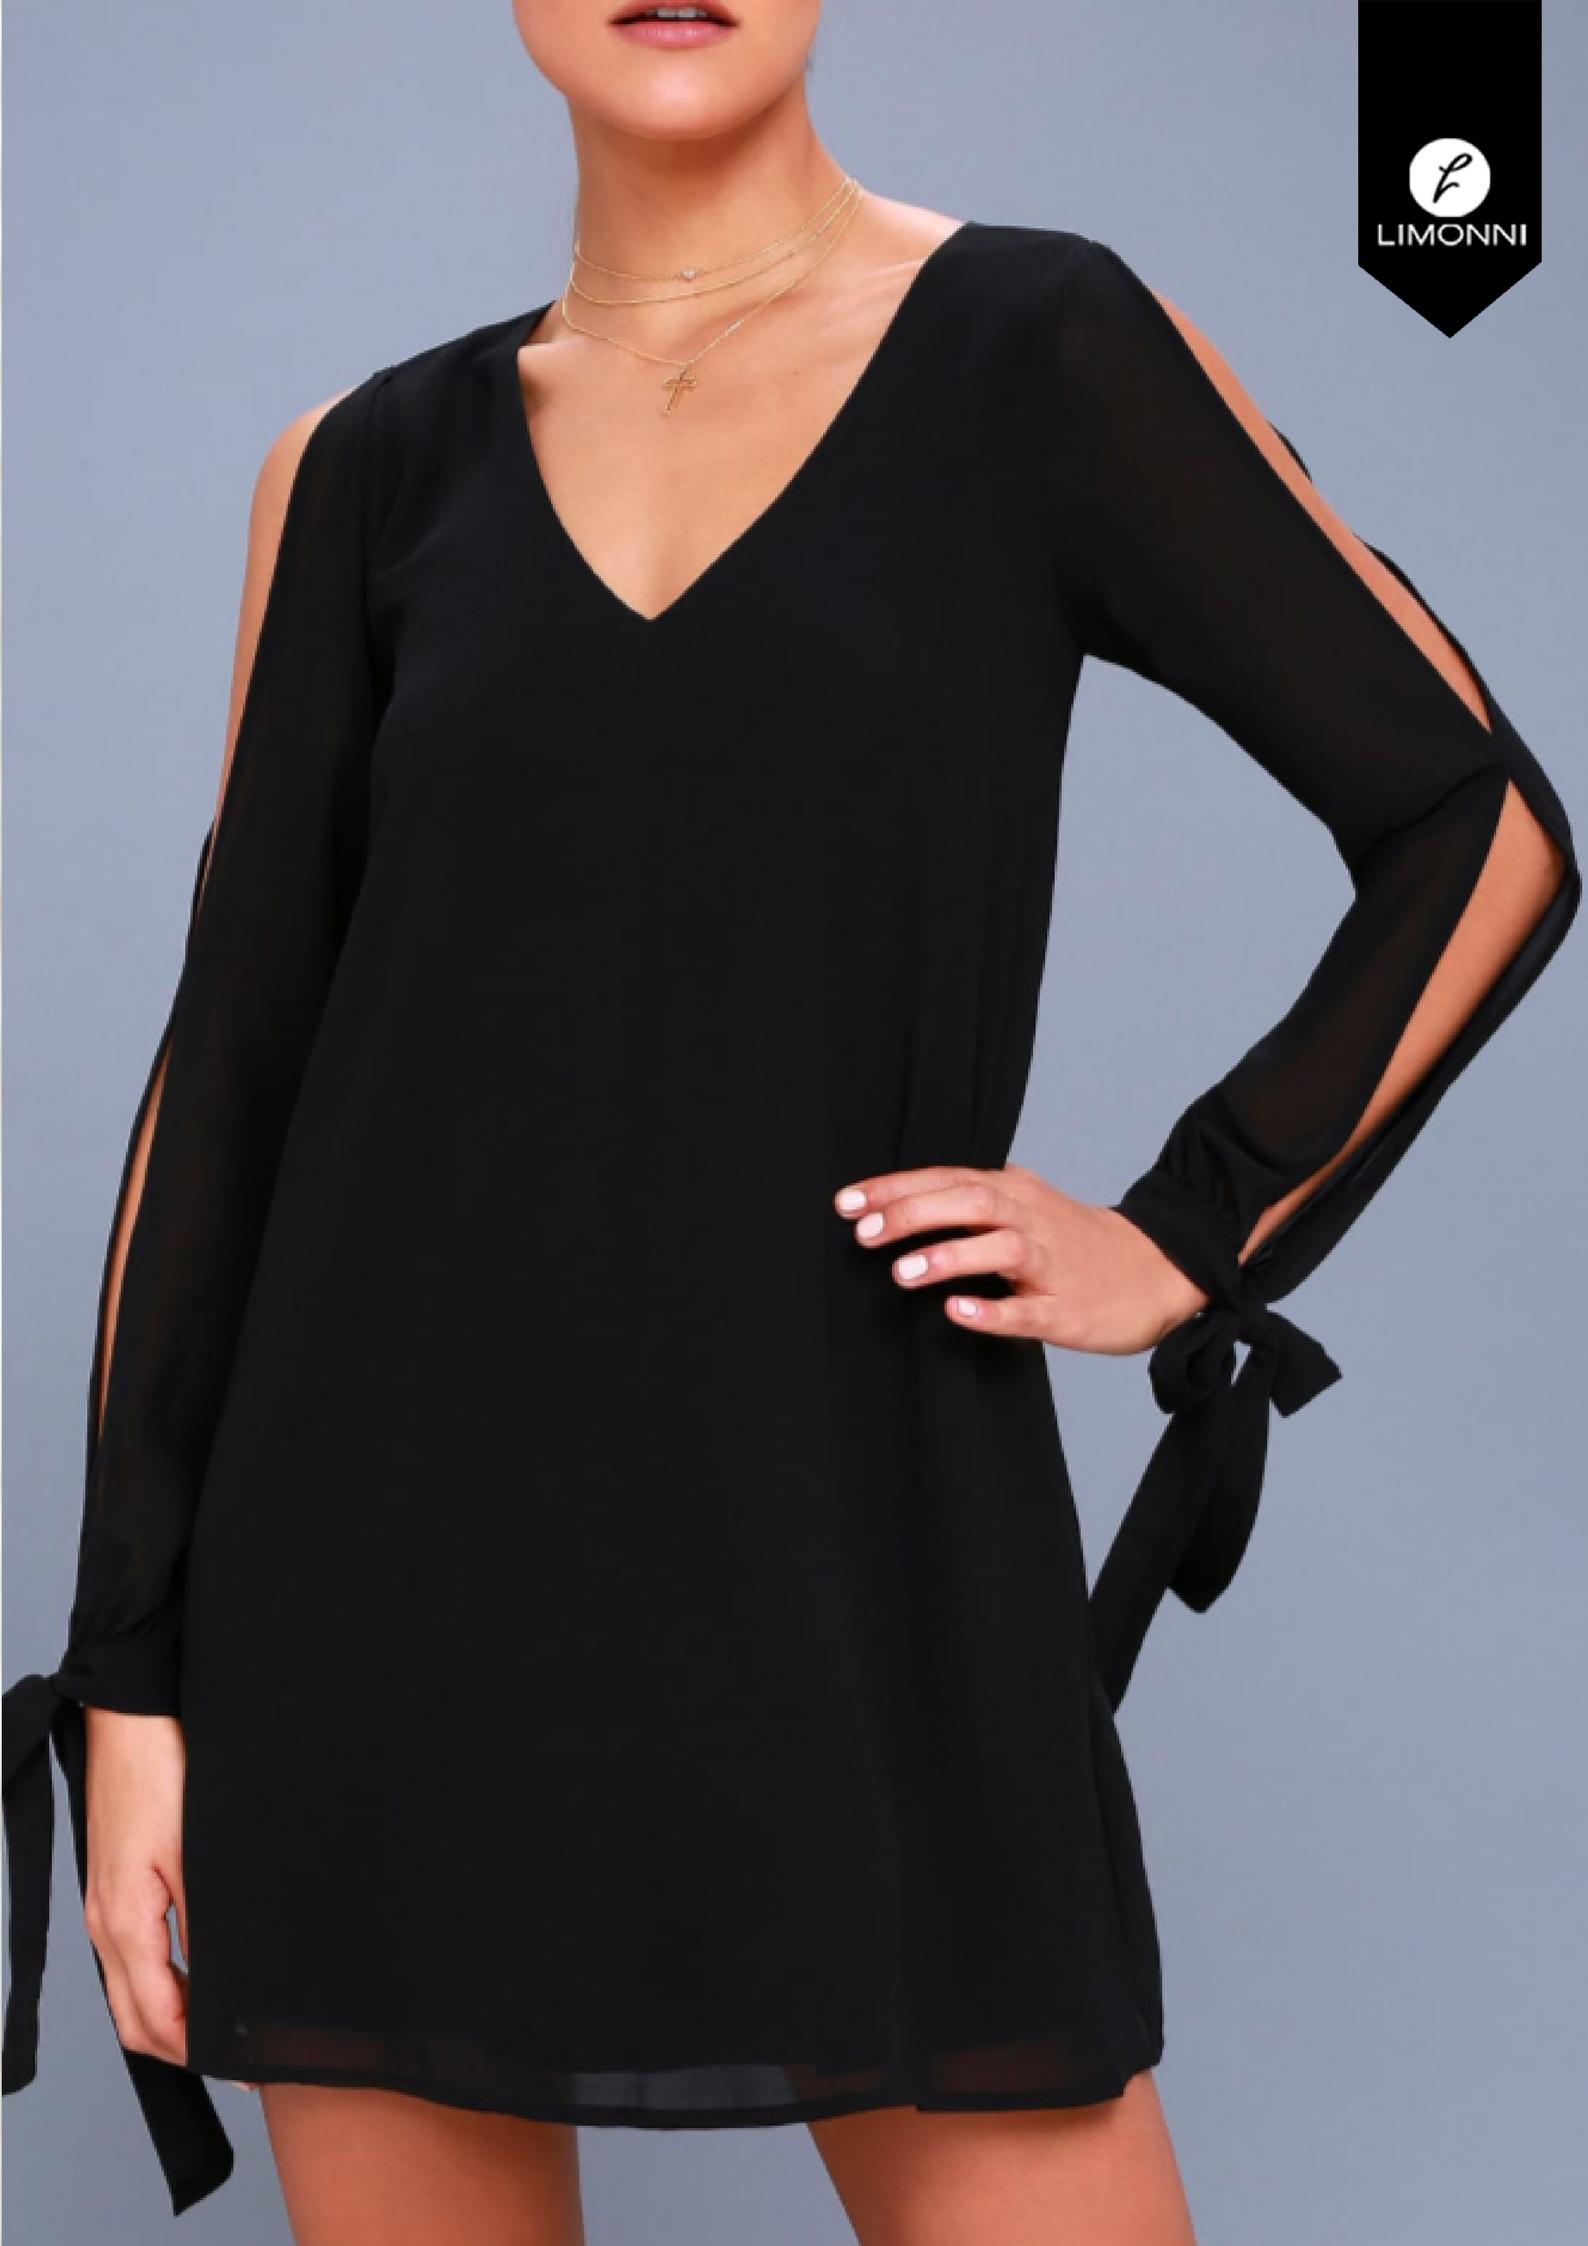 Vestidos para mujer Limonni Limonni LI1499 Cortos Casuales